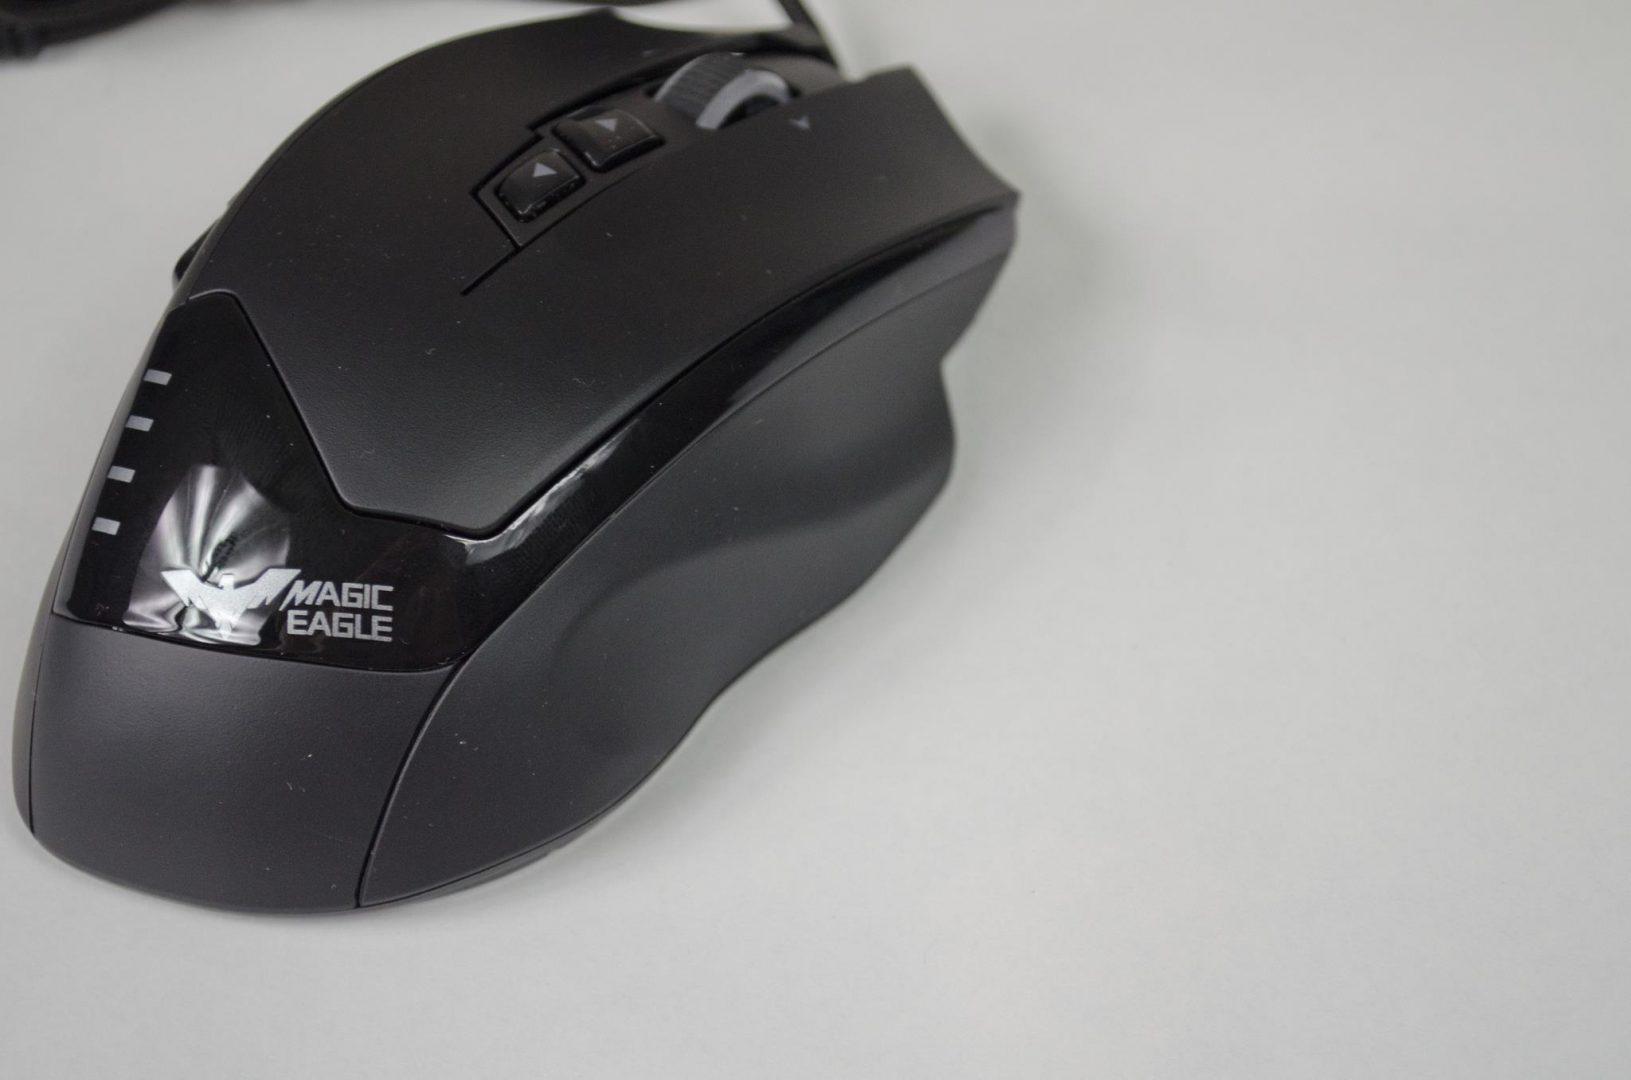 havit-hv-ms735-mouse-review_5